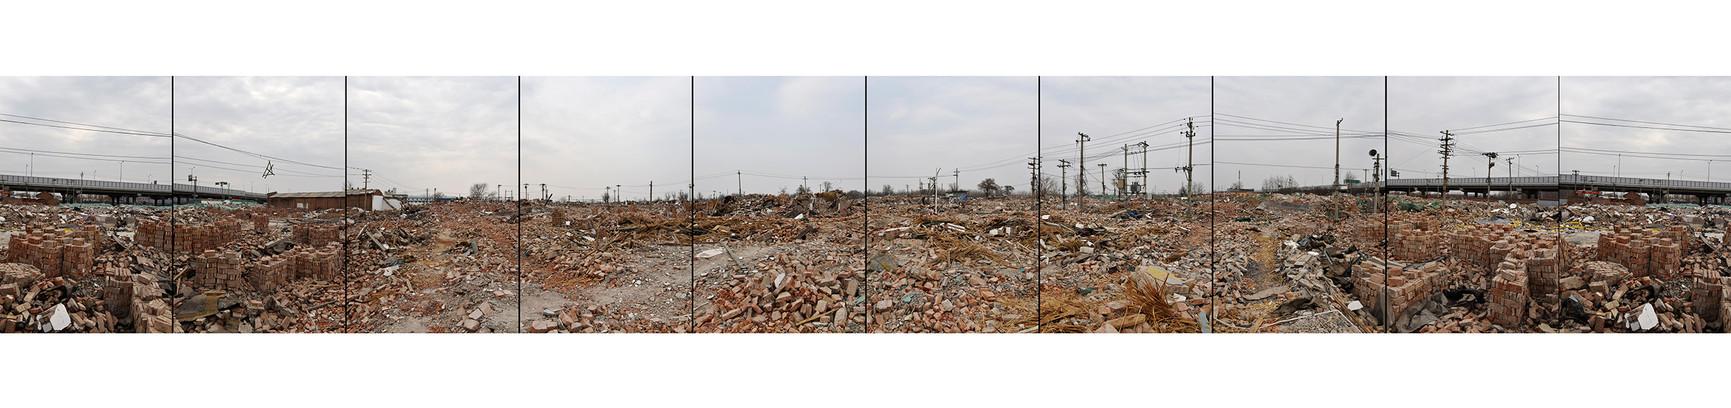 北京废墟21.jpg